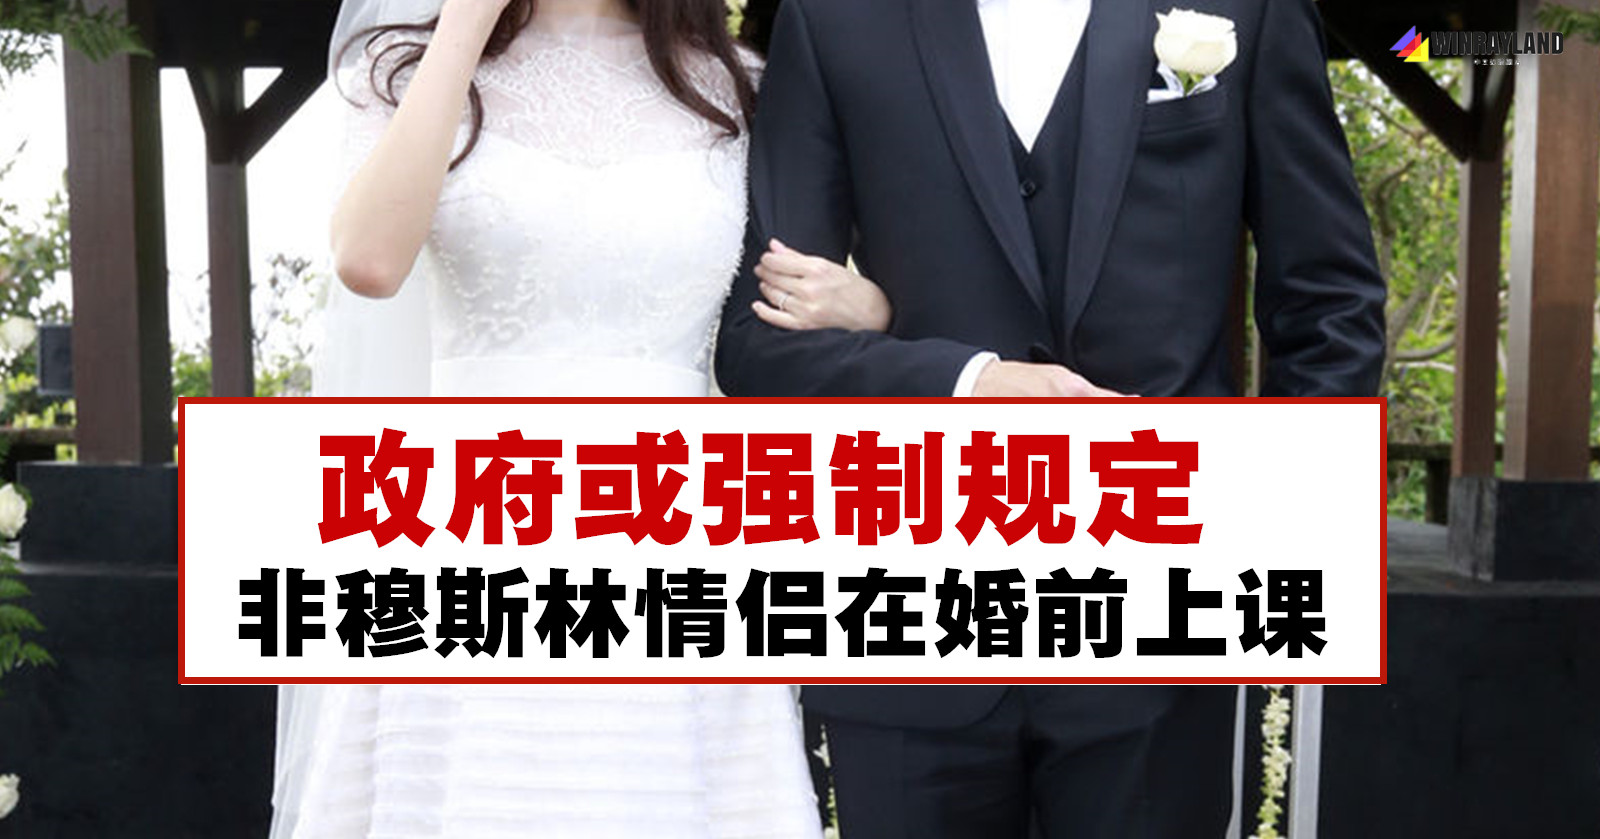 政府或强制规定非穆斯林情侣在婚前上课